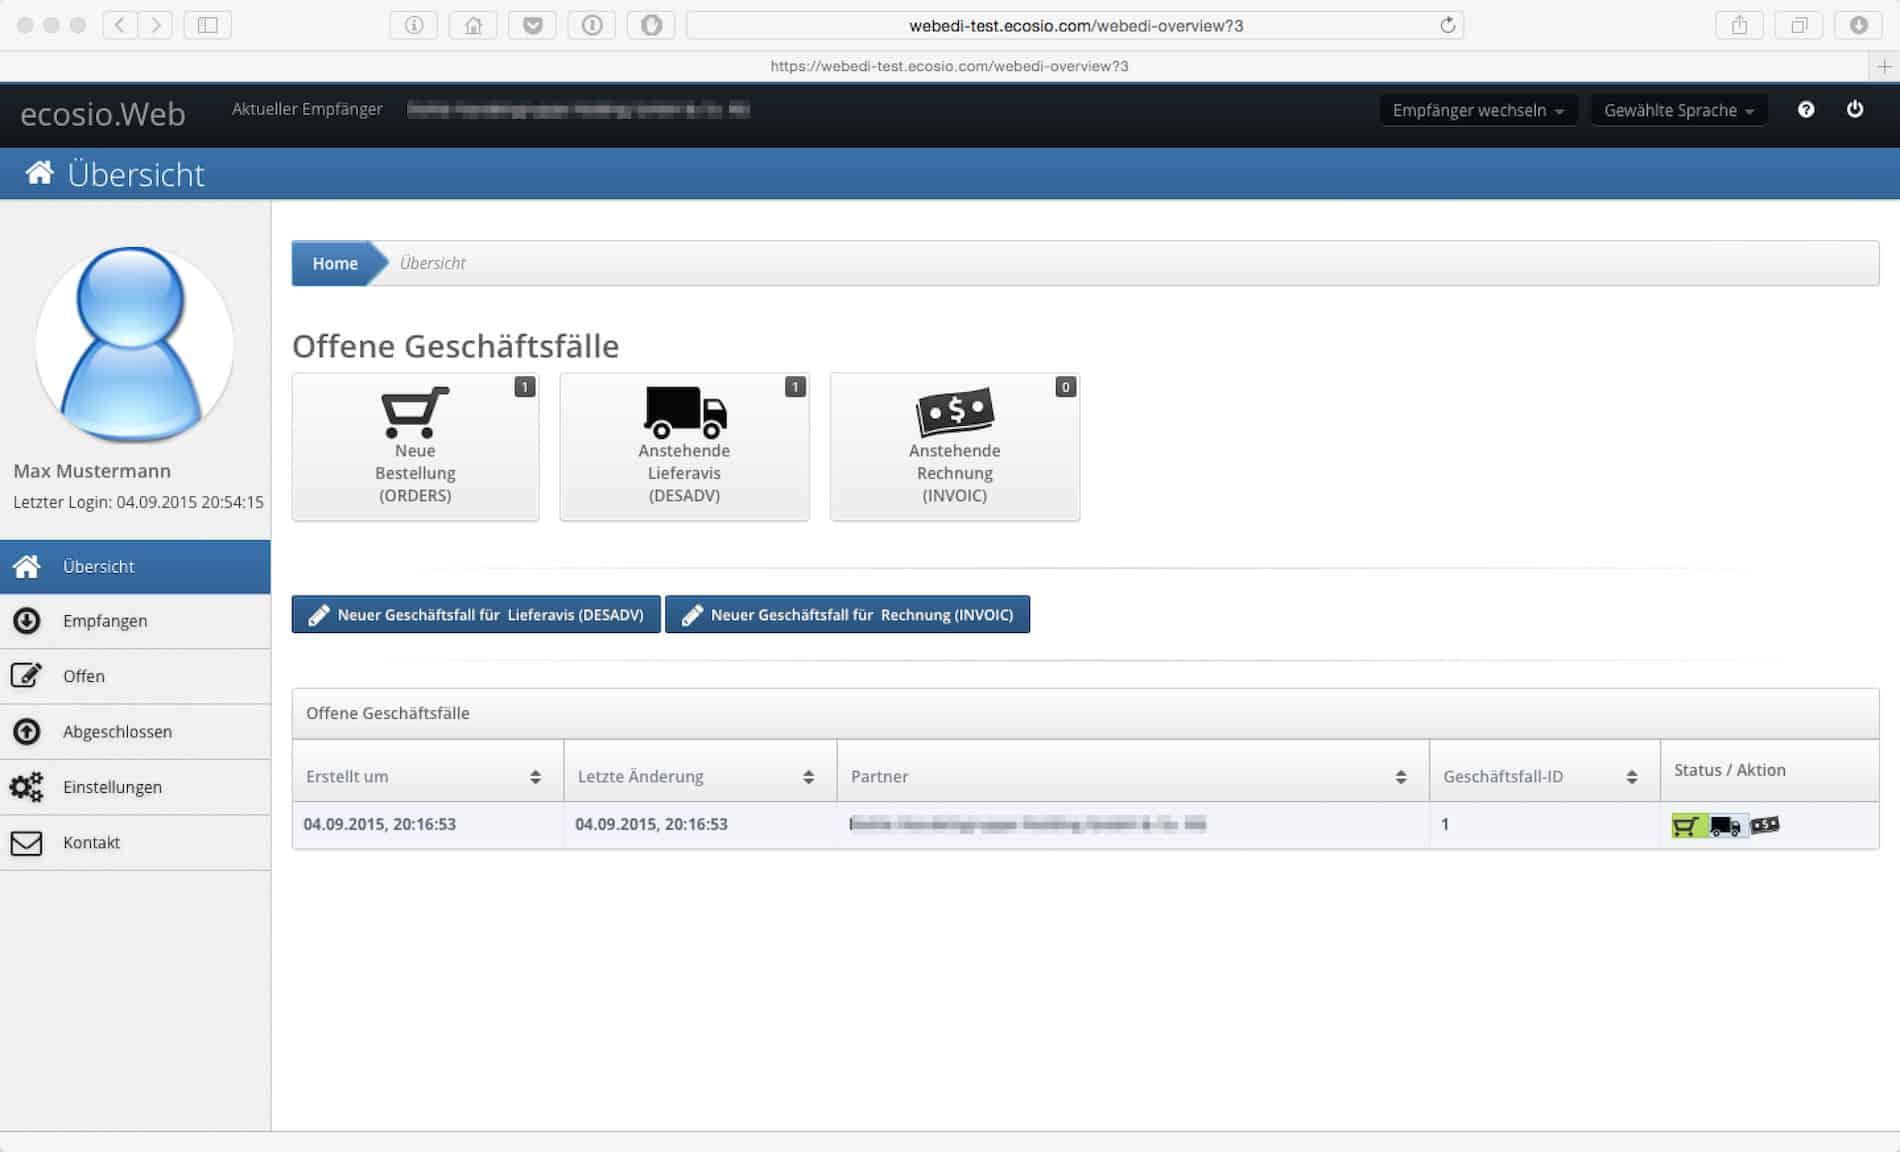 ecosio.Web Übersicht